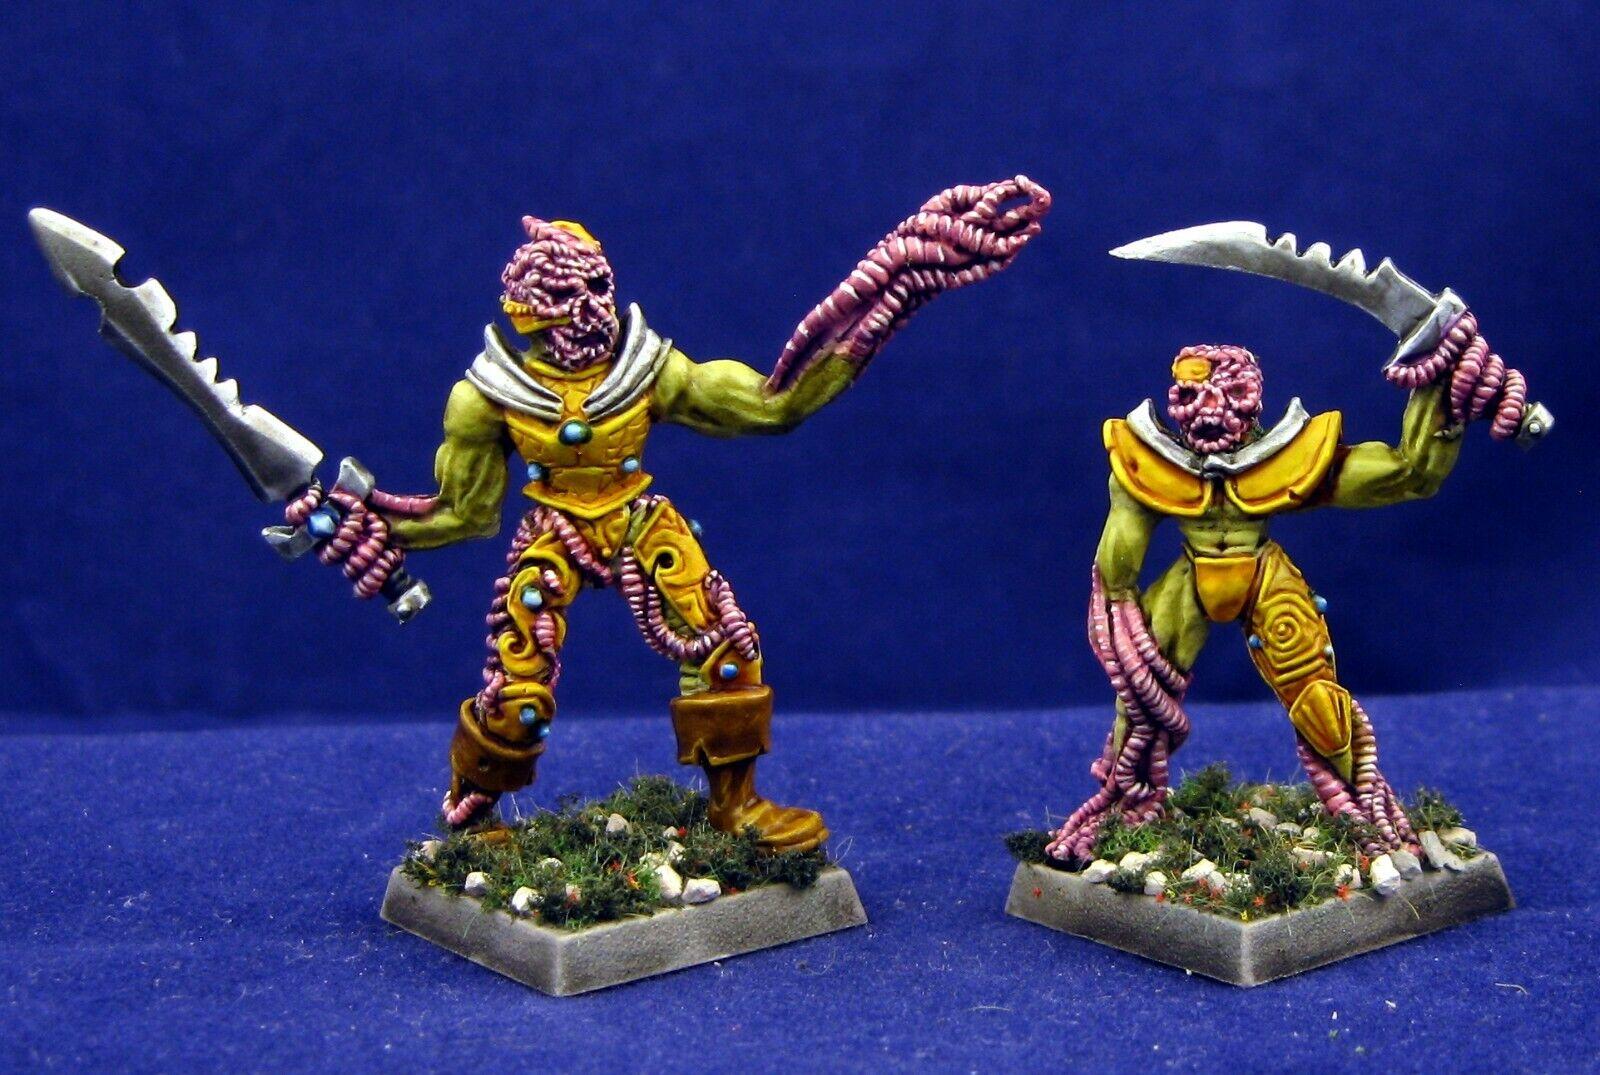 2 Painted Worm Skulls Earthdawn Heartbreaker AD&D Pathfinder RPG Metal Miniature